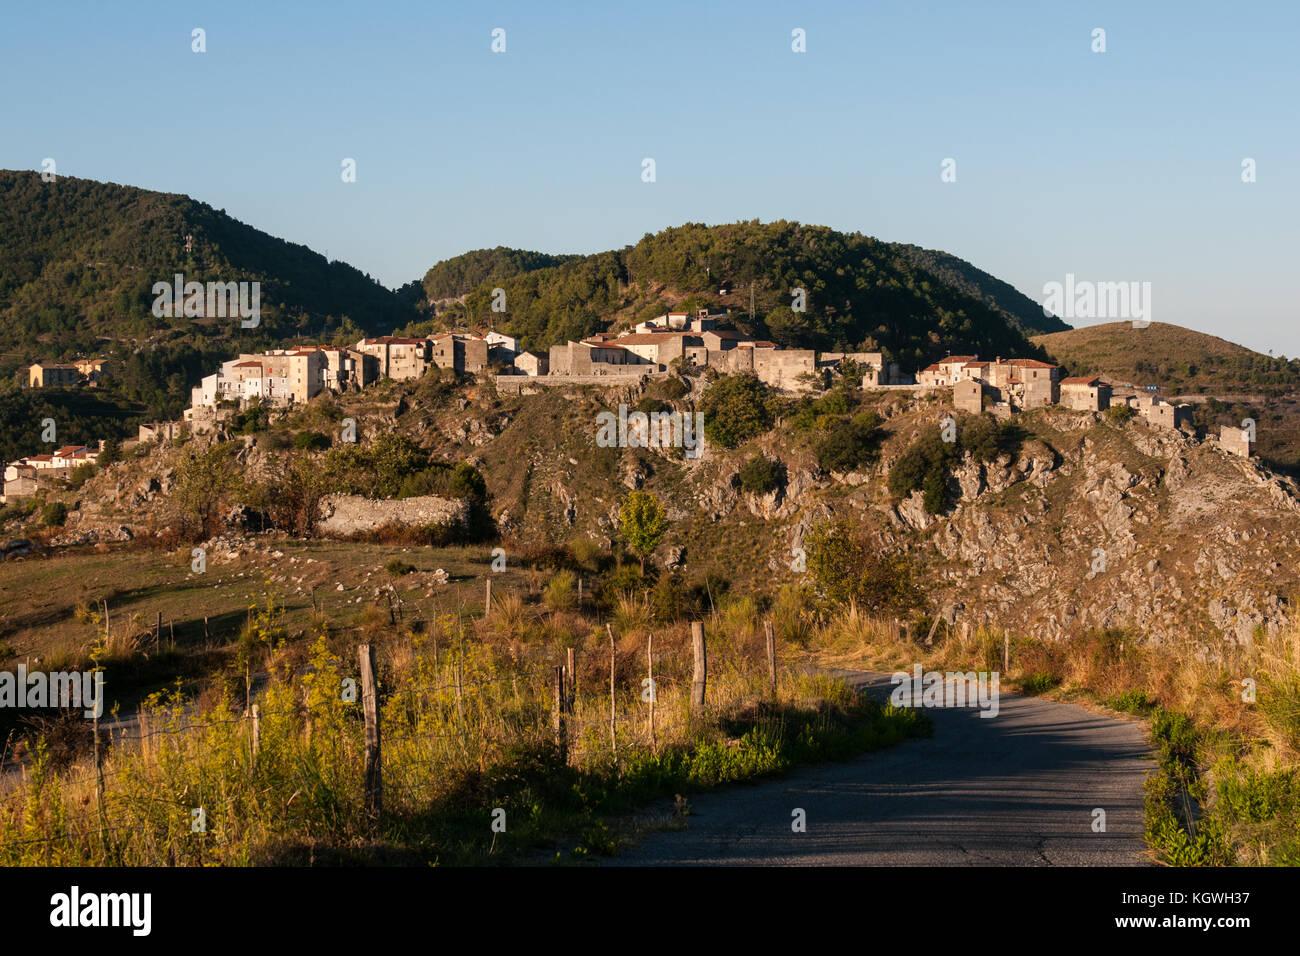 AietaItaliaAietascritto Di Del Villaggio Anche In Una Vista 7f6yYgvb